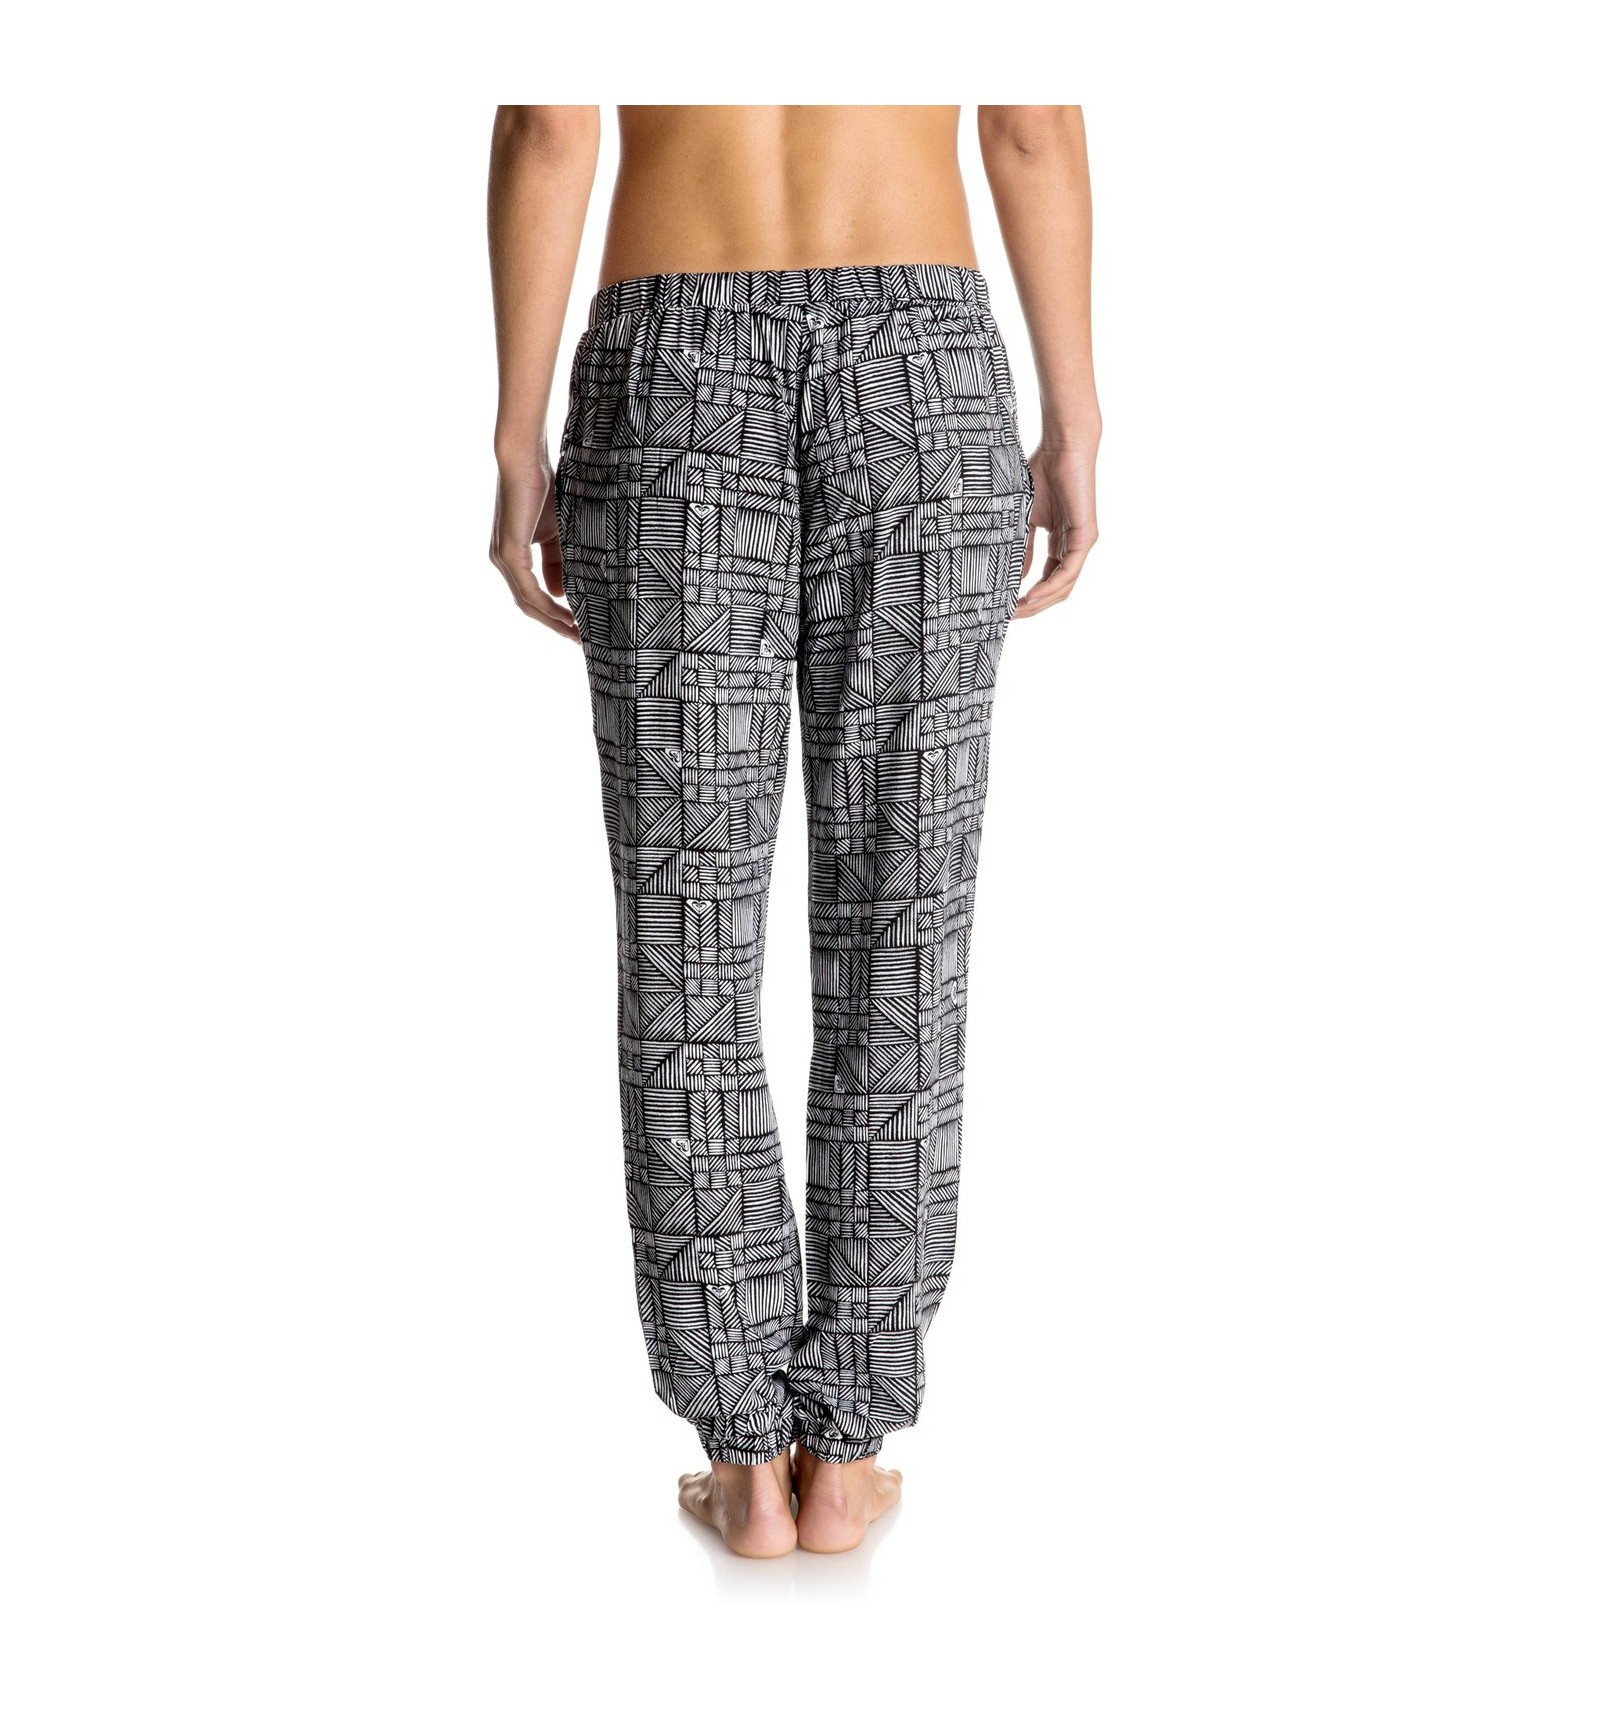 03d6c982ae Pantalon tela ROXY mujer - Vicunasport - Tu tienda de deportes en ...